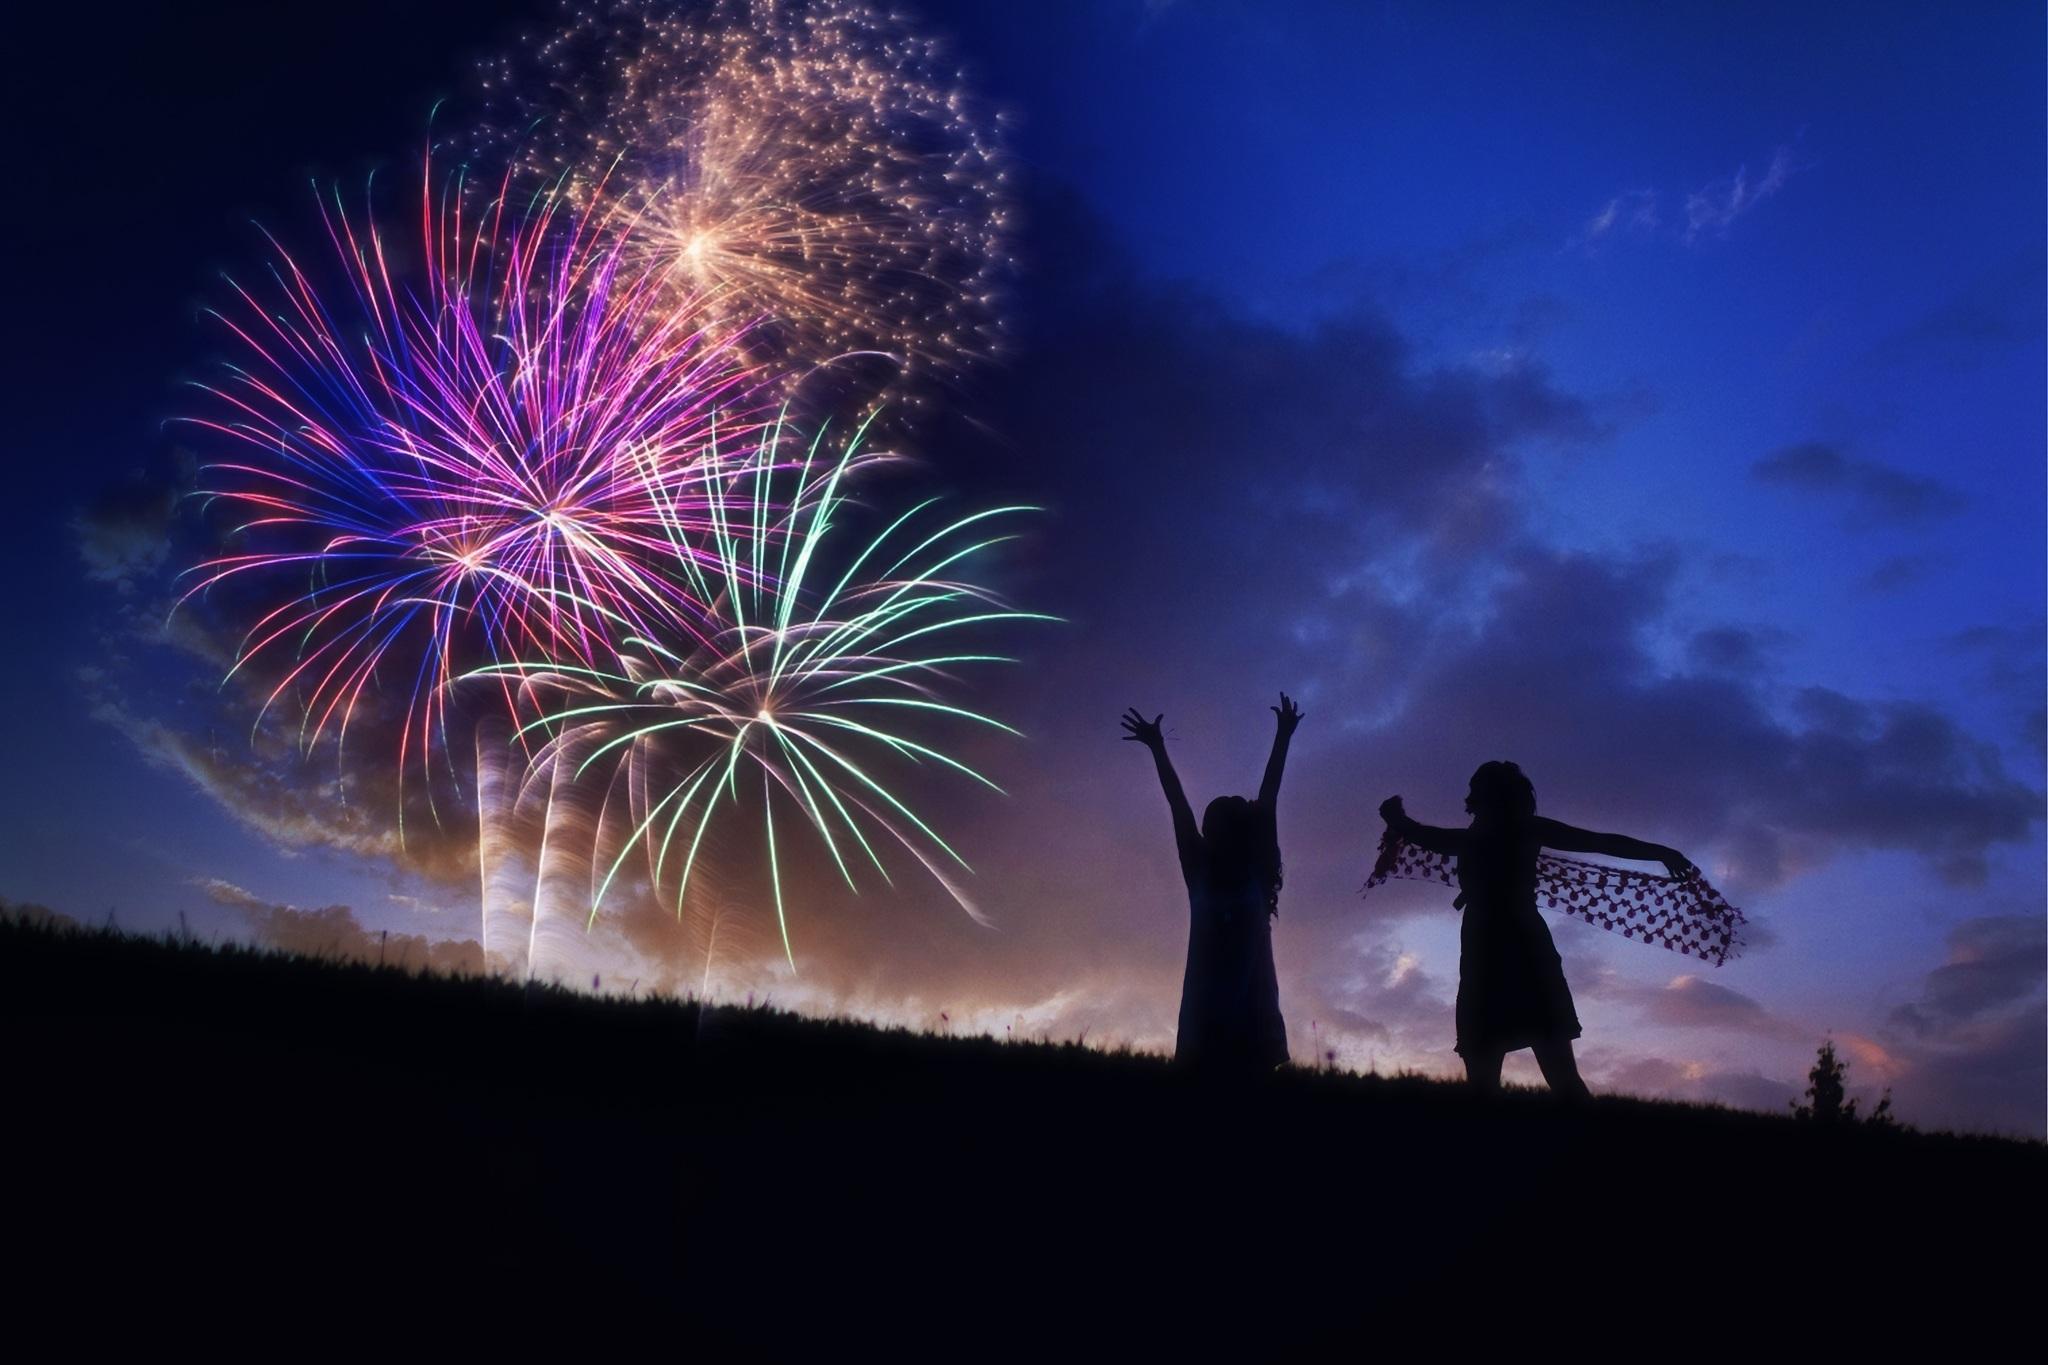 Spleodar Halloween Arts Festival Fireworks